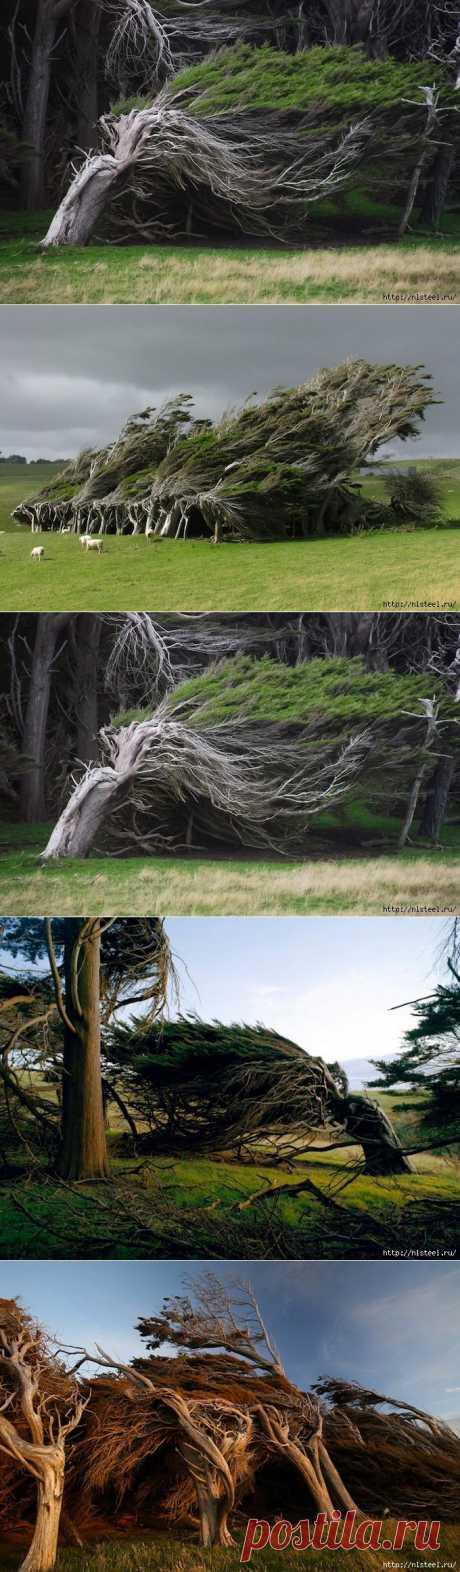 Удивительные деревья-чудовища в Новой Зеландии.